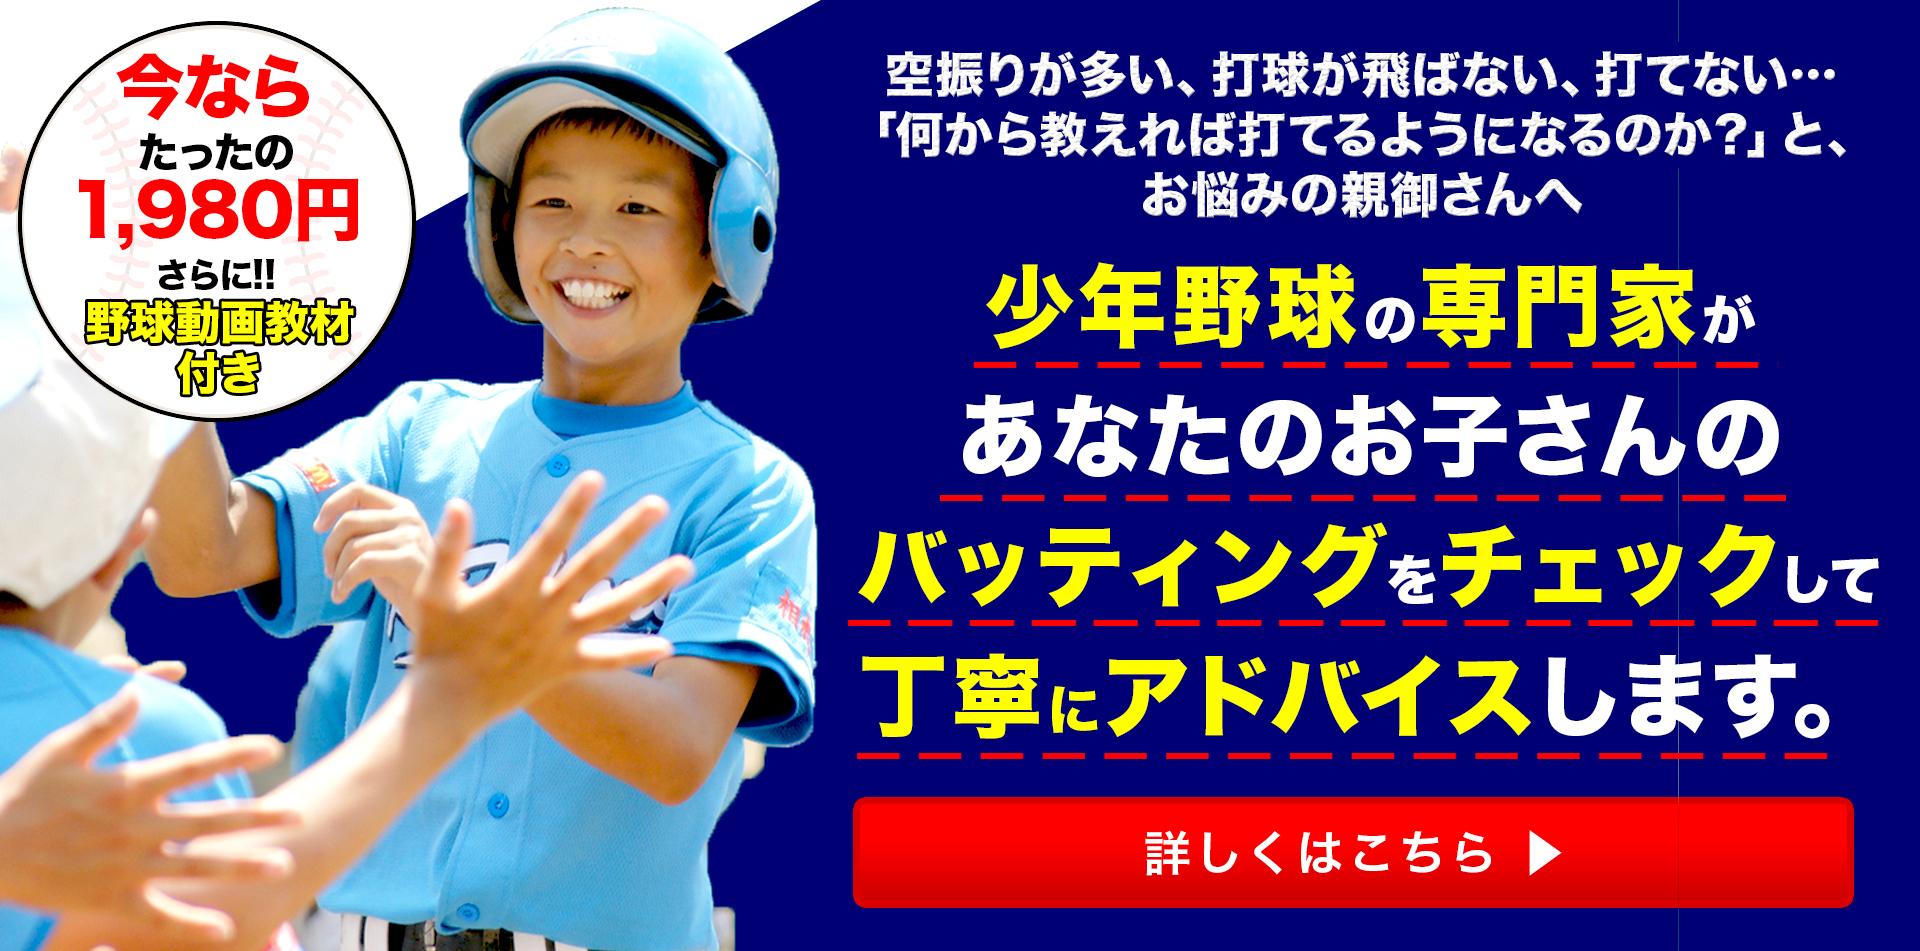 今なら、たったの1,980円で少年野球の専門家があなたのお子さんのバッティングをチェックして丁寧にアドバイスします